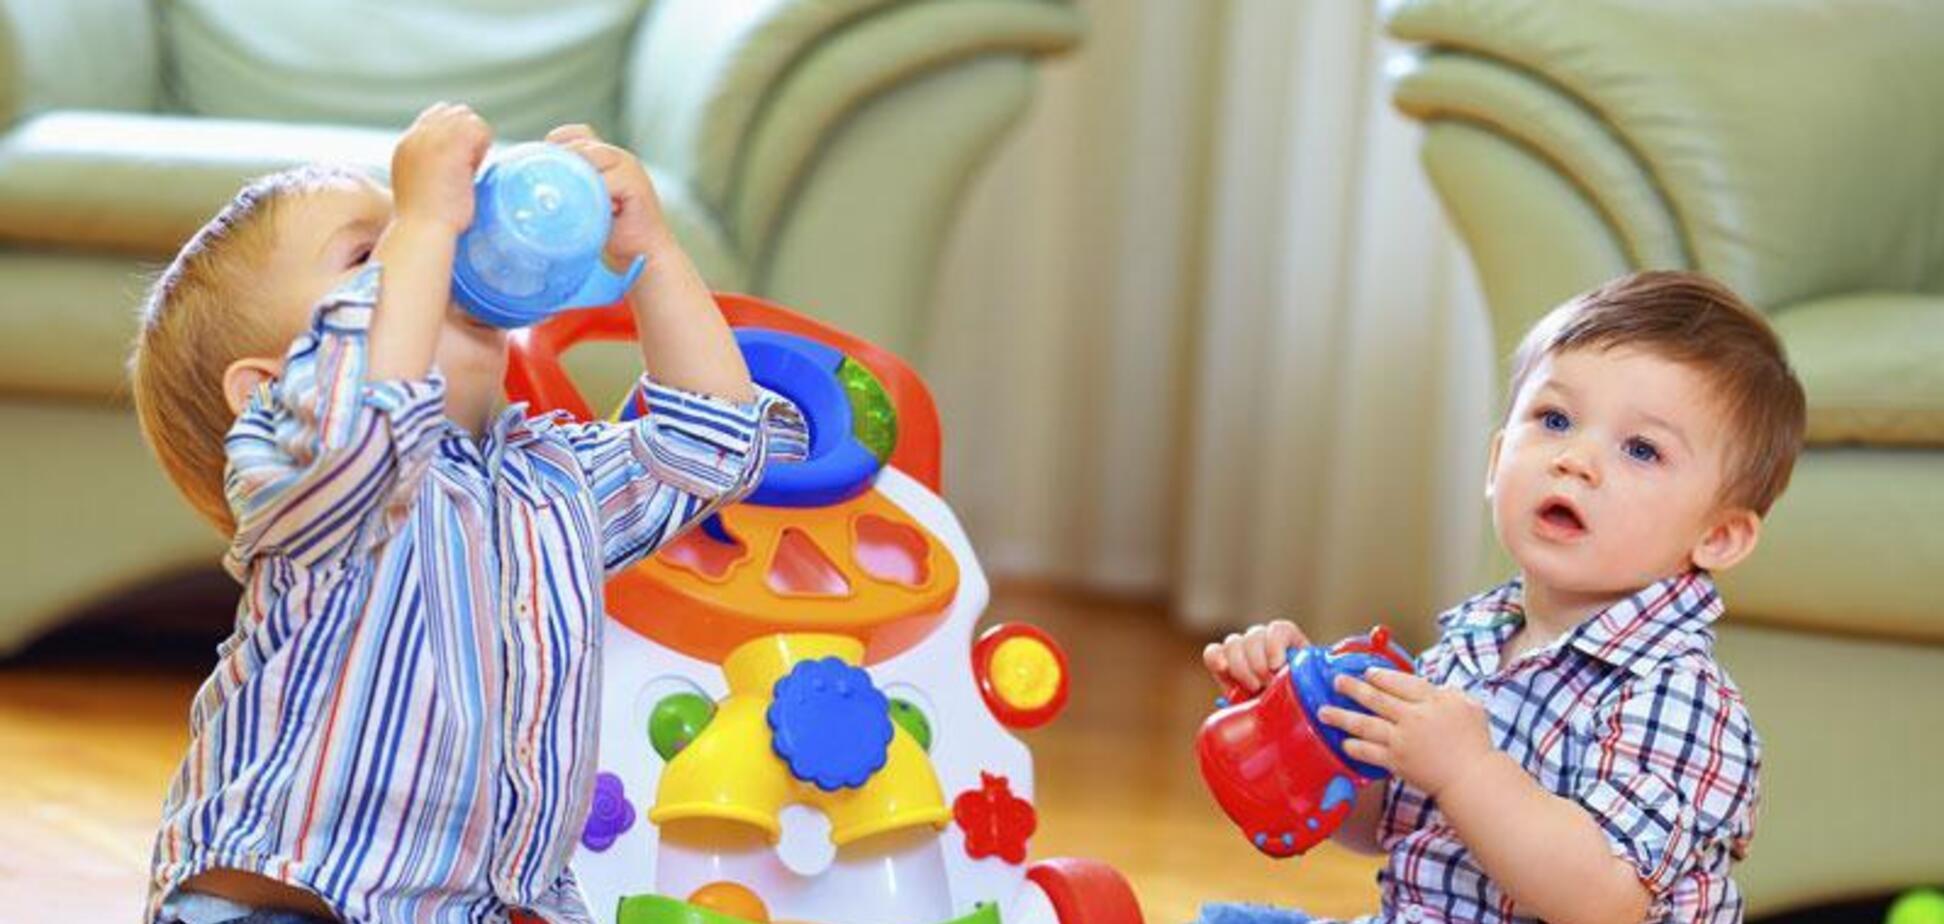 'Барби', слаймы и глина для лепки: украинские эксперты назвали токсичные детские игрушки